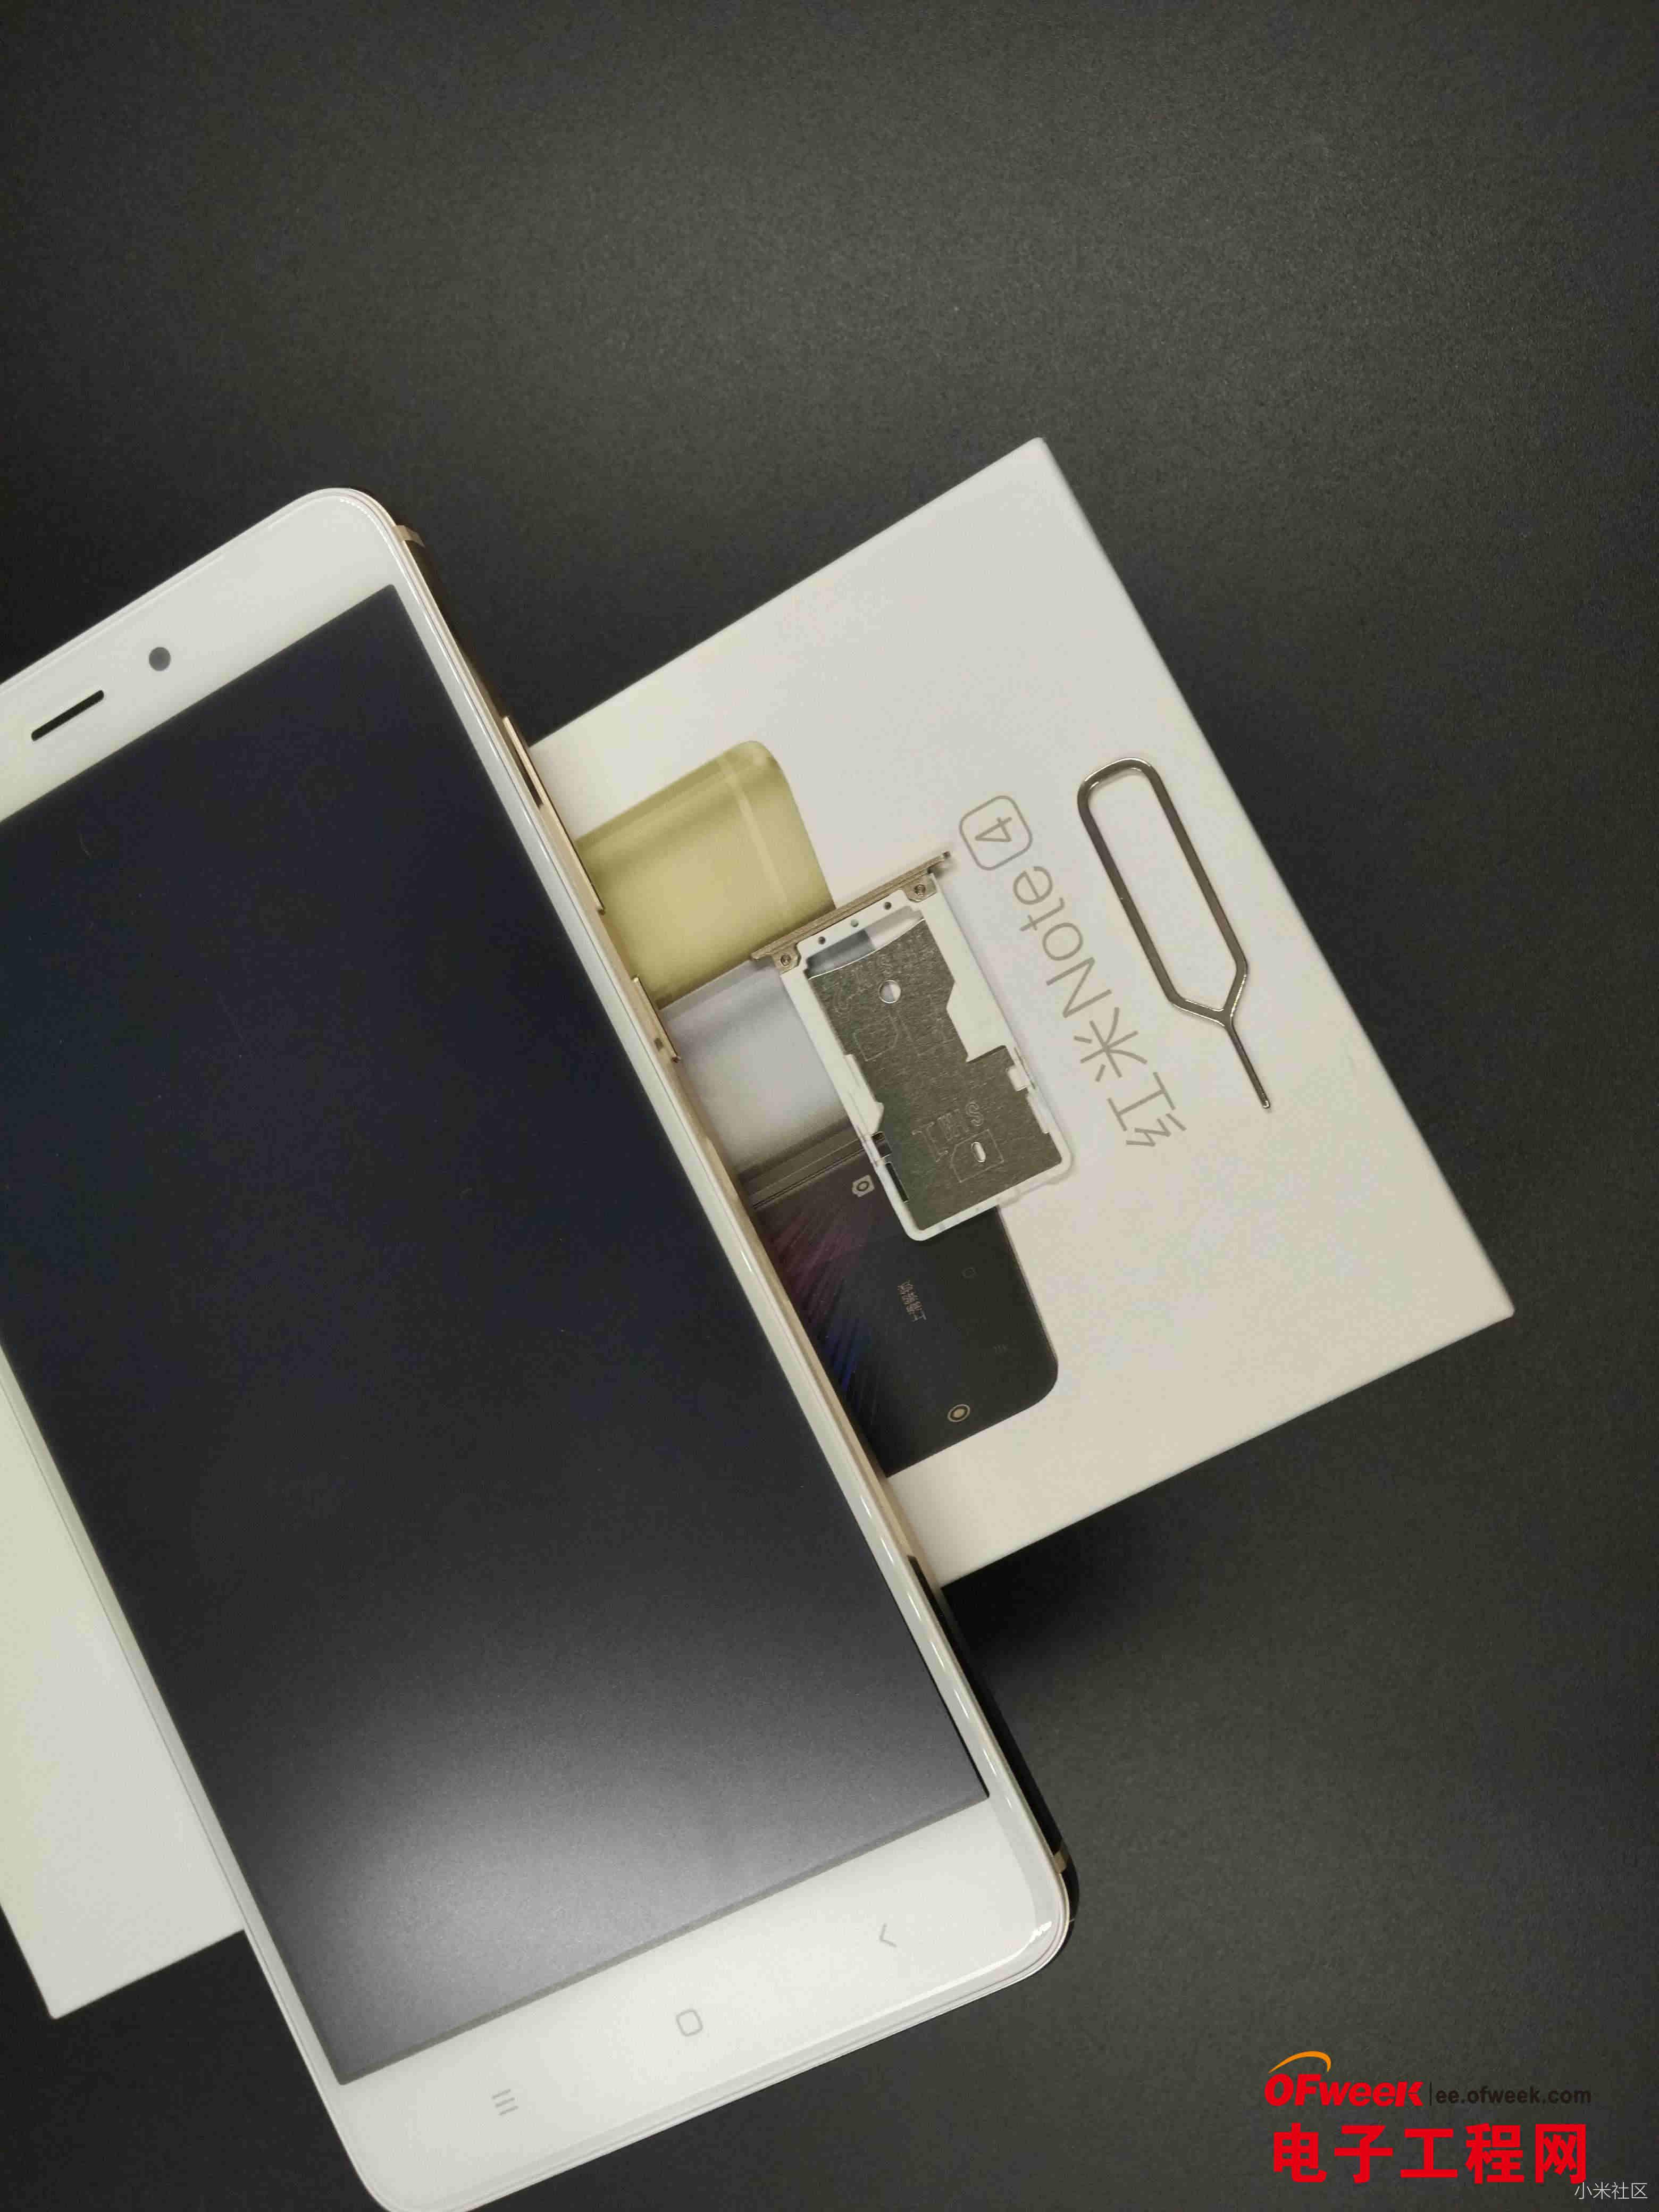 红米Note 4开箱评测:三年4代 相比前3代红米Note4进步在哪里?